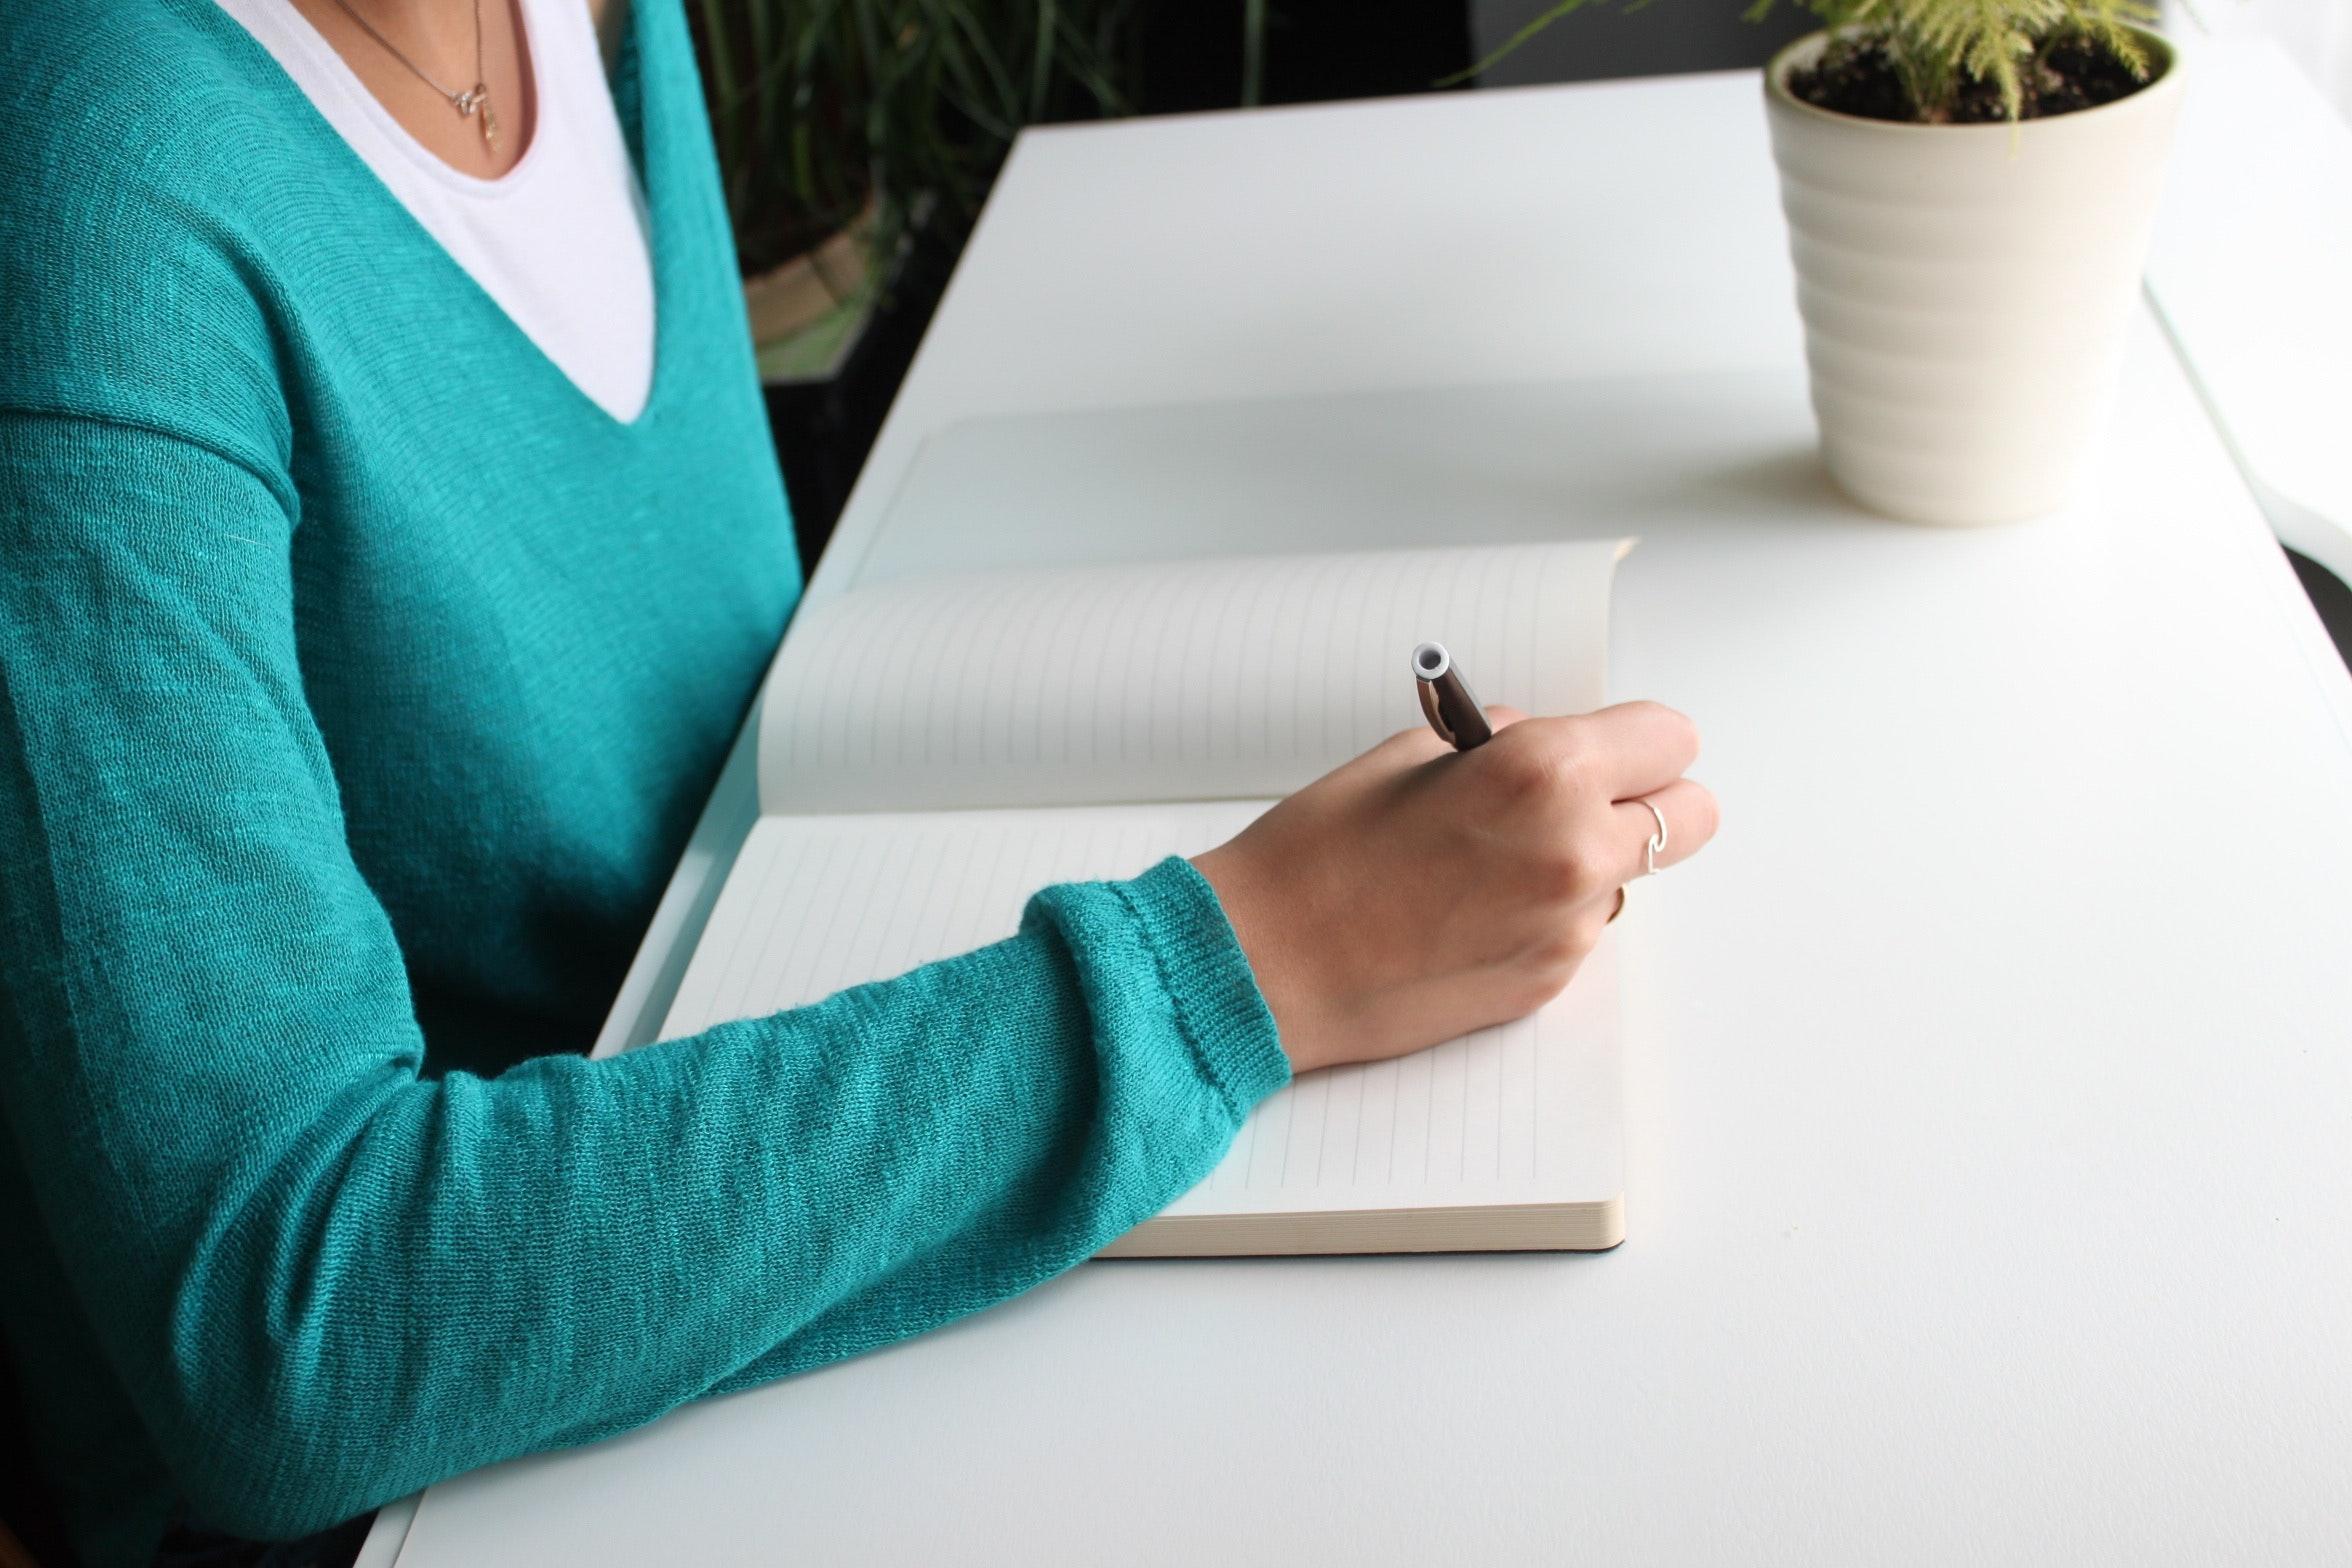 いいことをしたらノートに書いて自分を肯定する